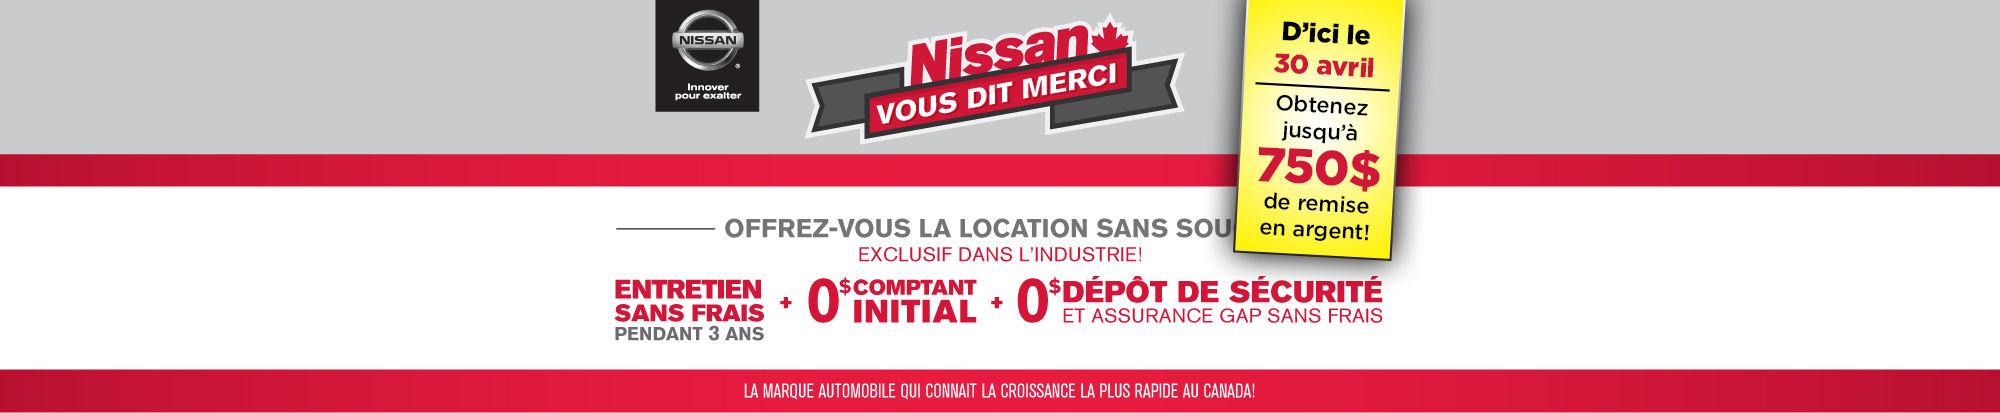 Nissan événement